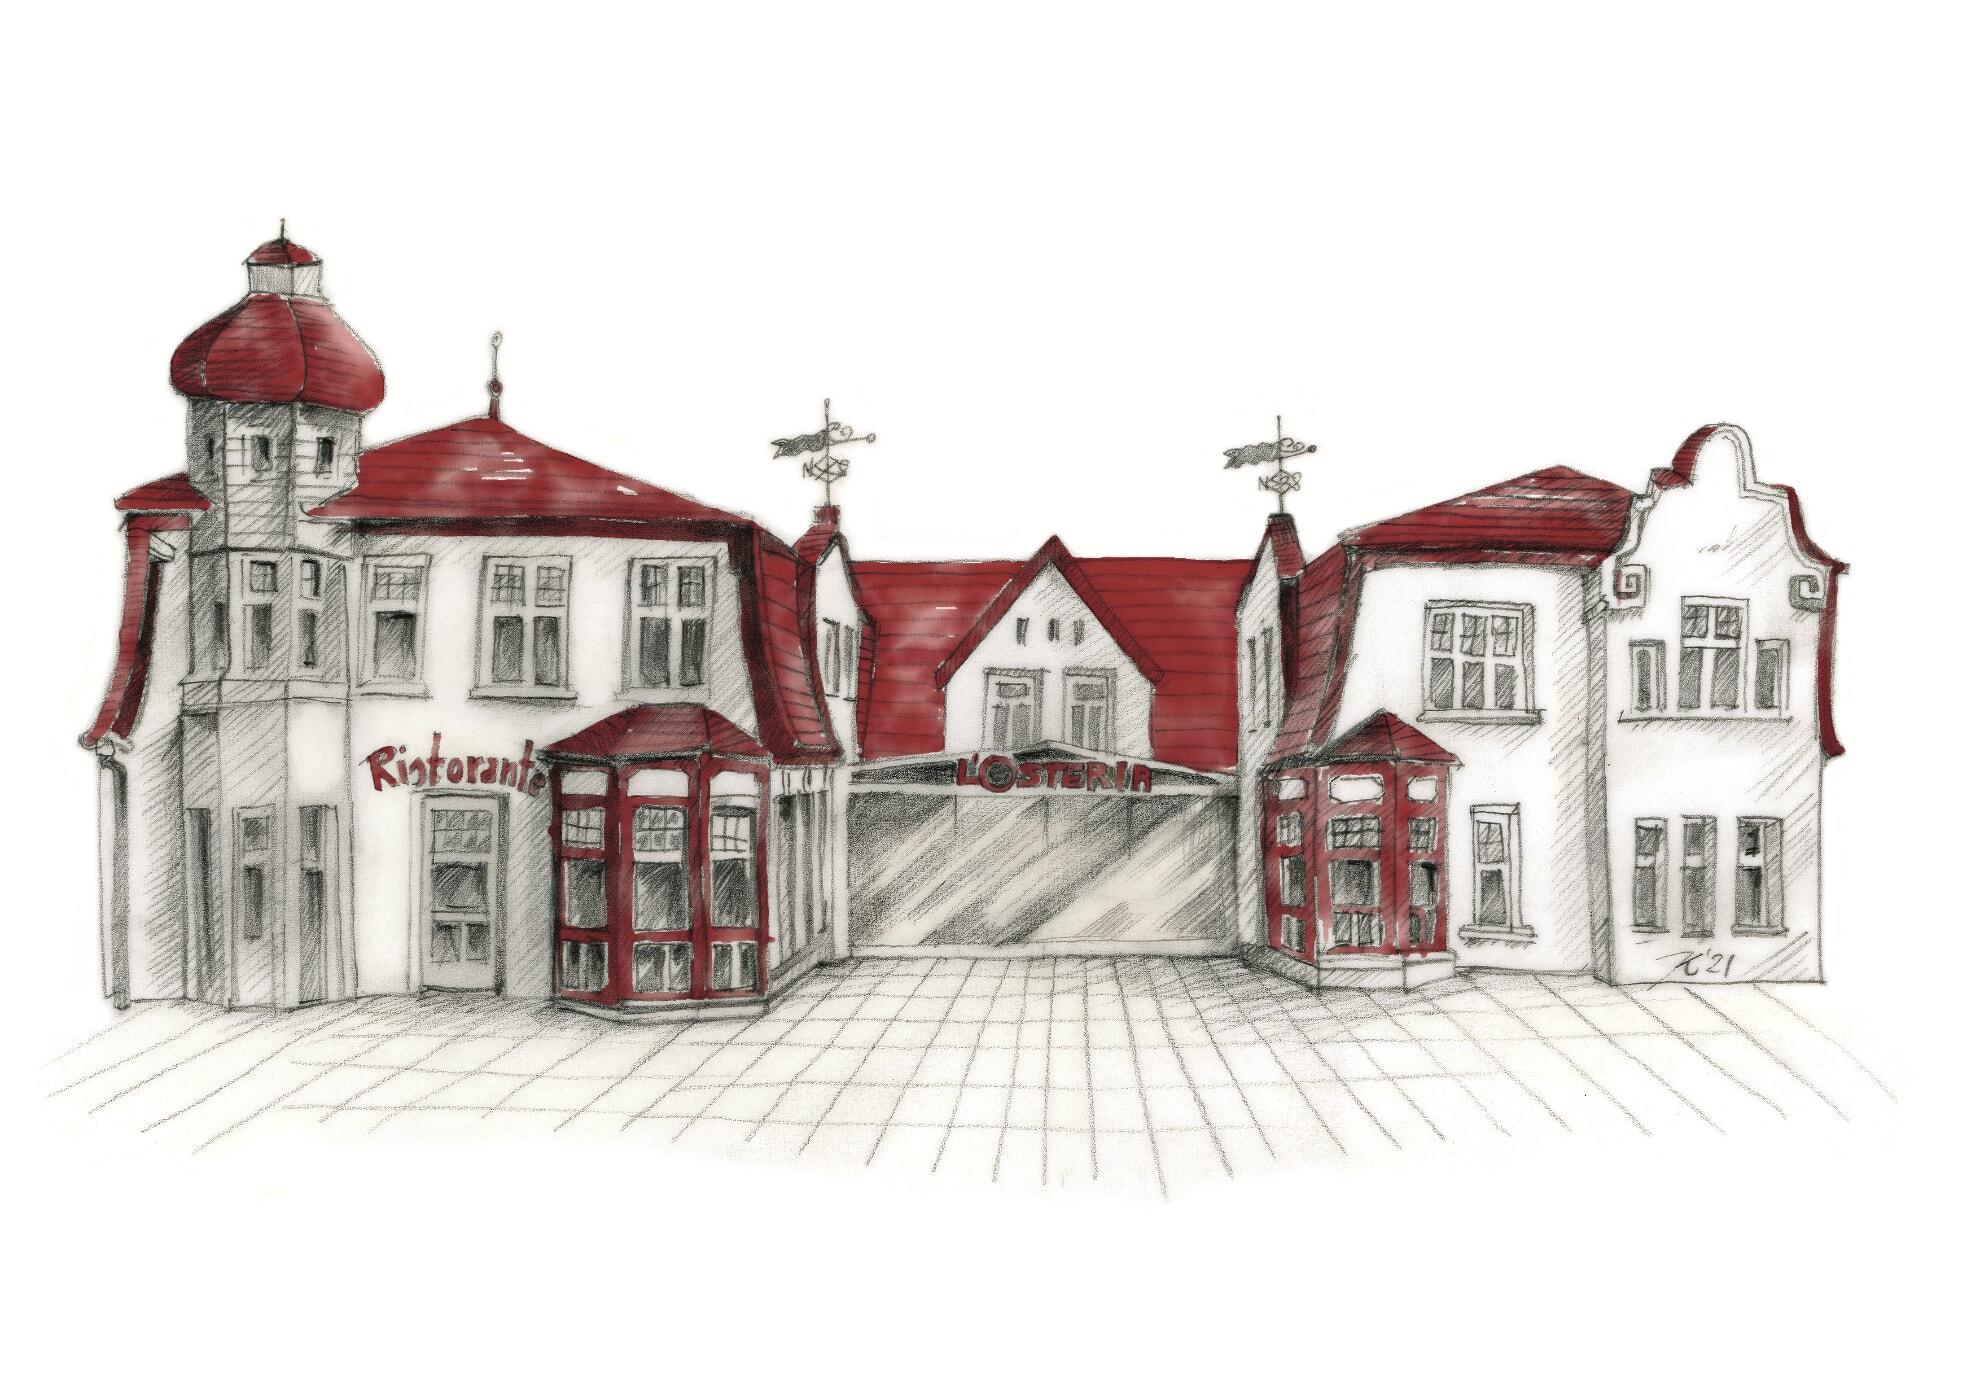 L'Osteria Friesenburg